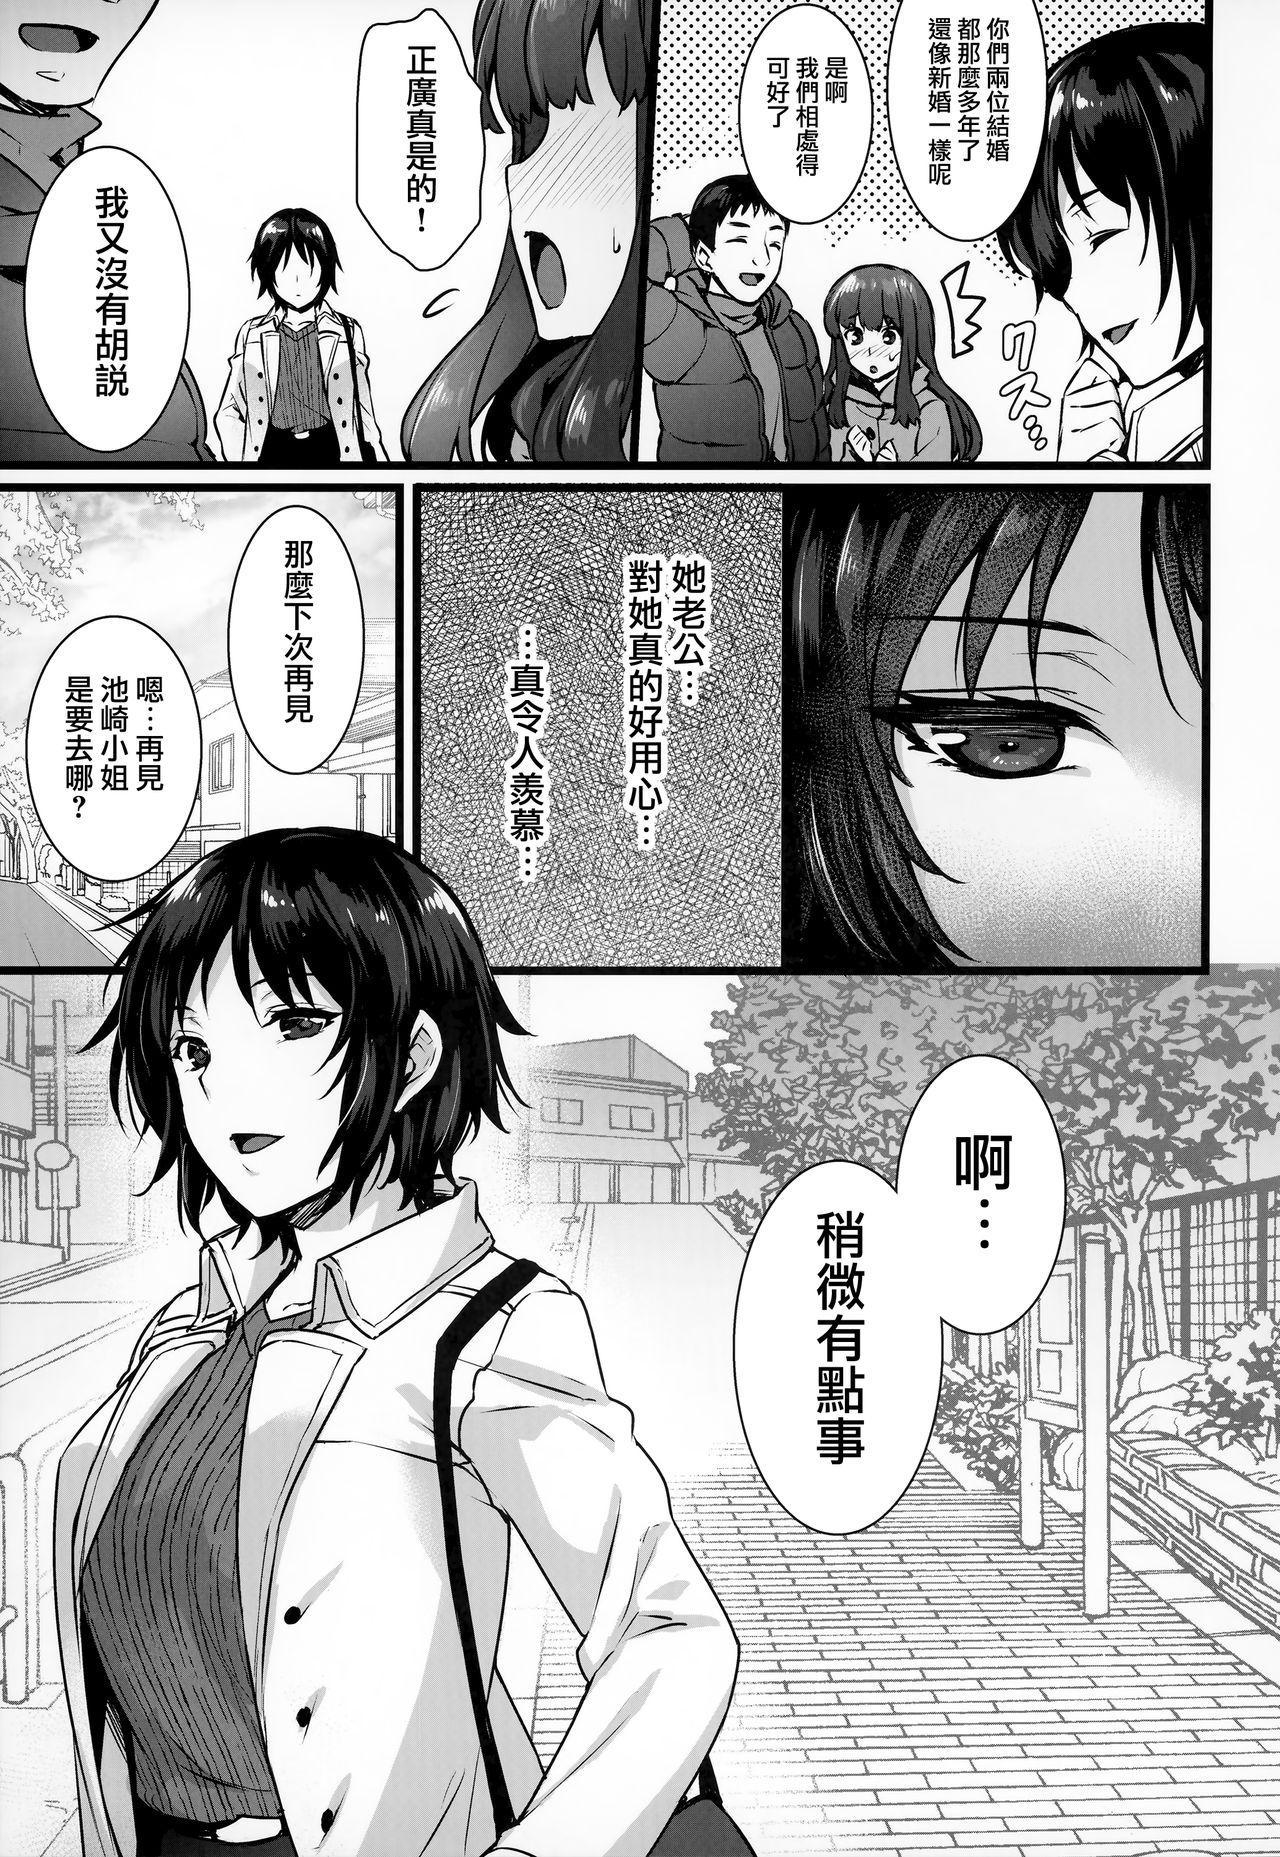 (C95) [Himeya (Abe Inori)] Rental Tanetsuke Oji-san 3 ~Aru Hitozuma no Tanetsuke Oji-san 24-jikan Sex Taikenki~  [Chinese] [無邪気漢化組] 3